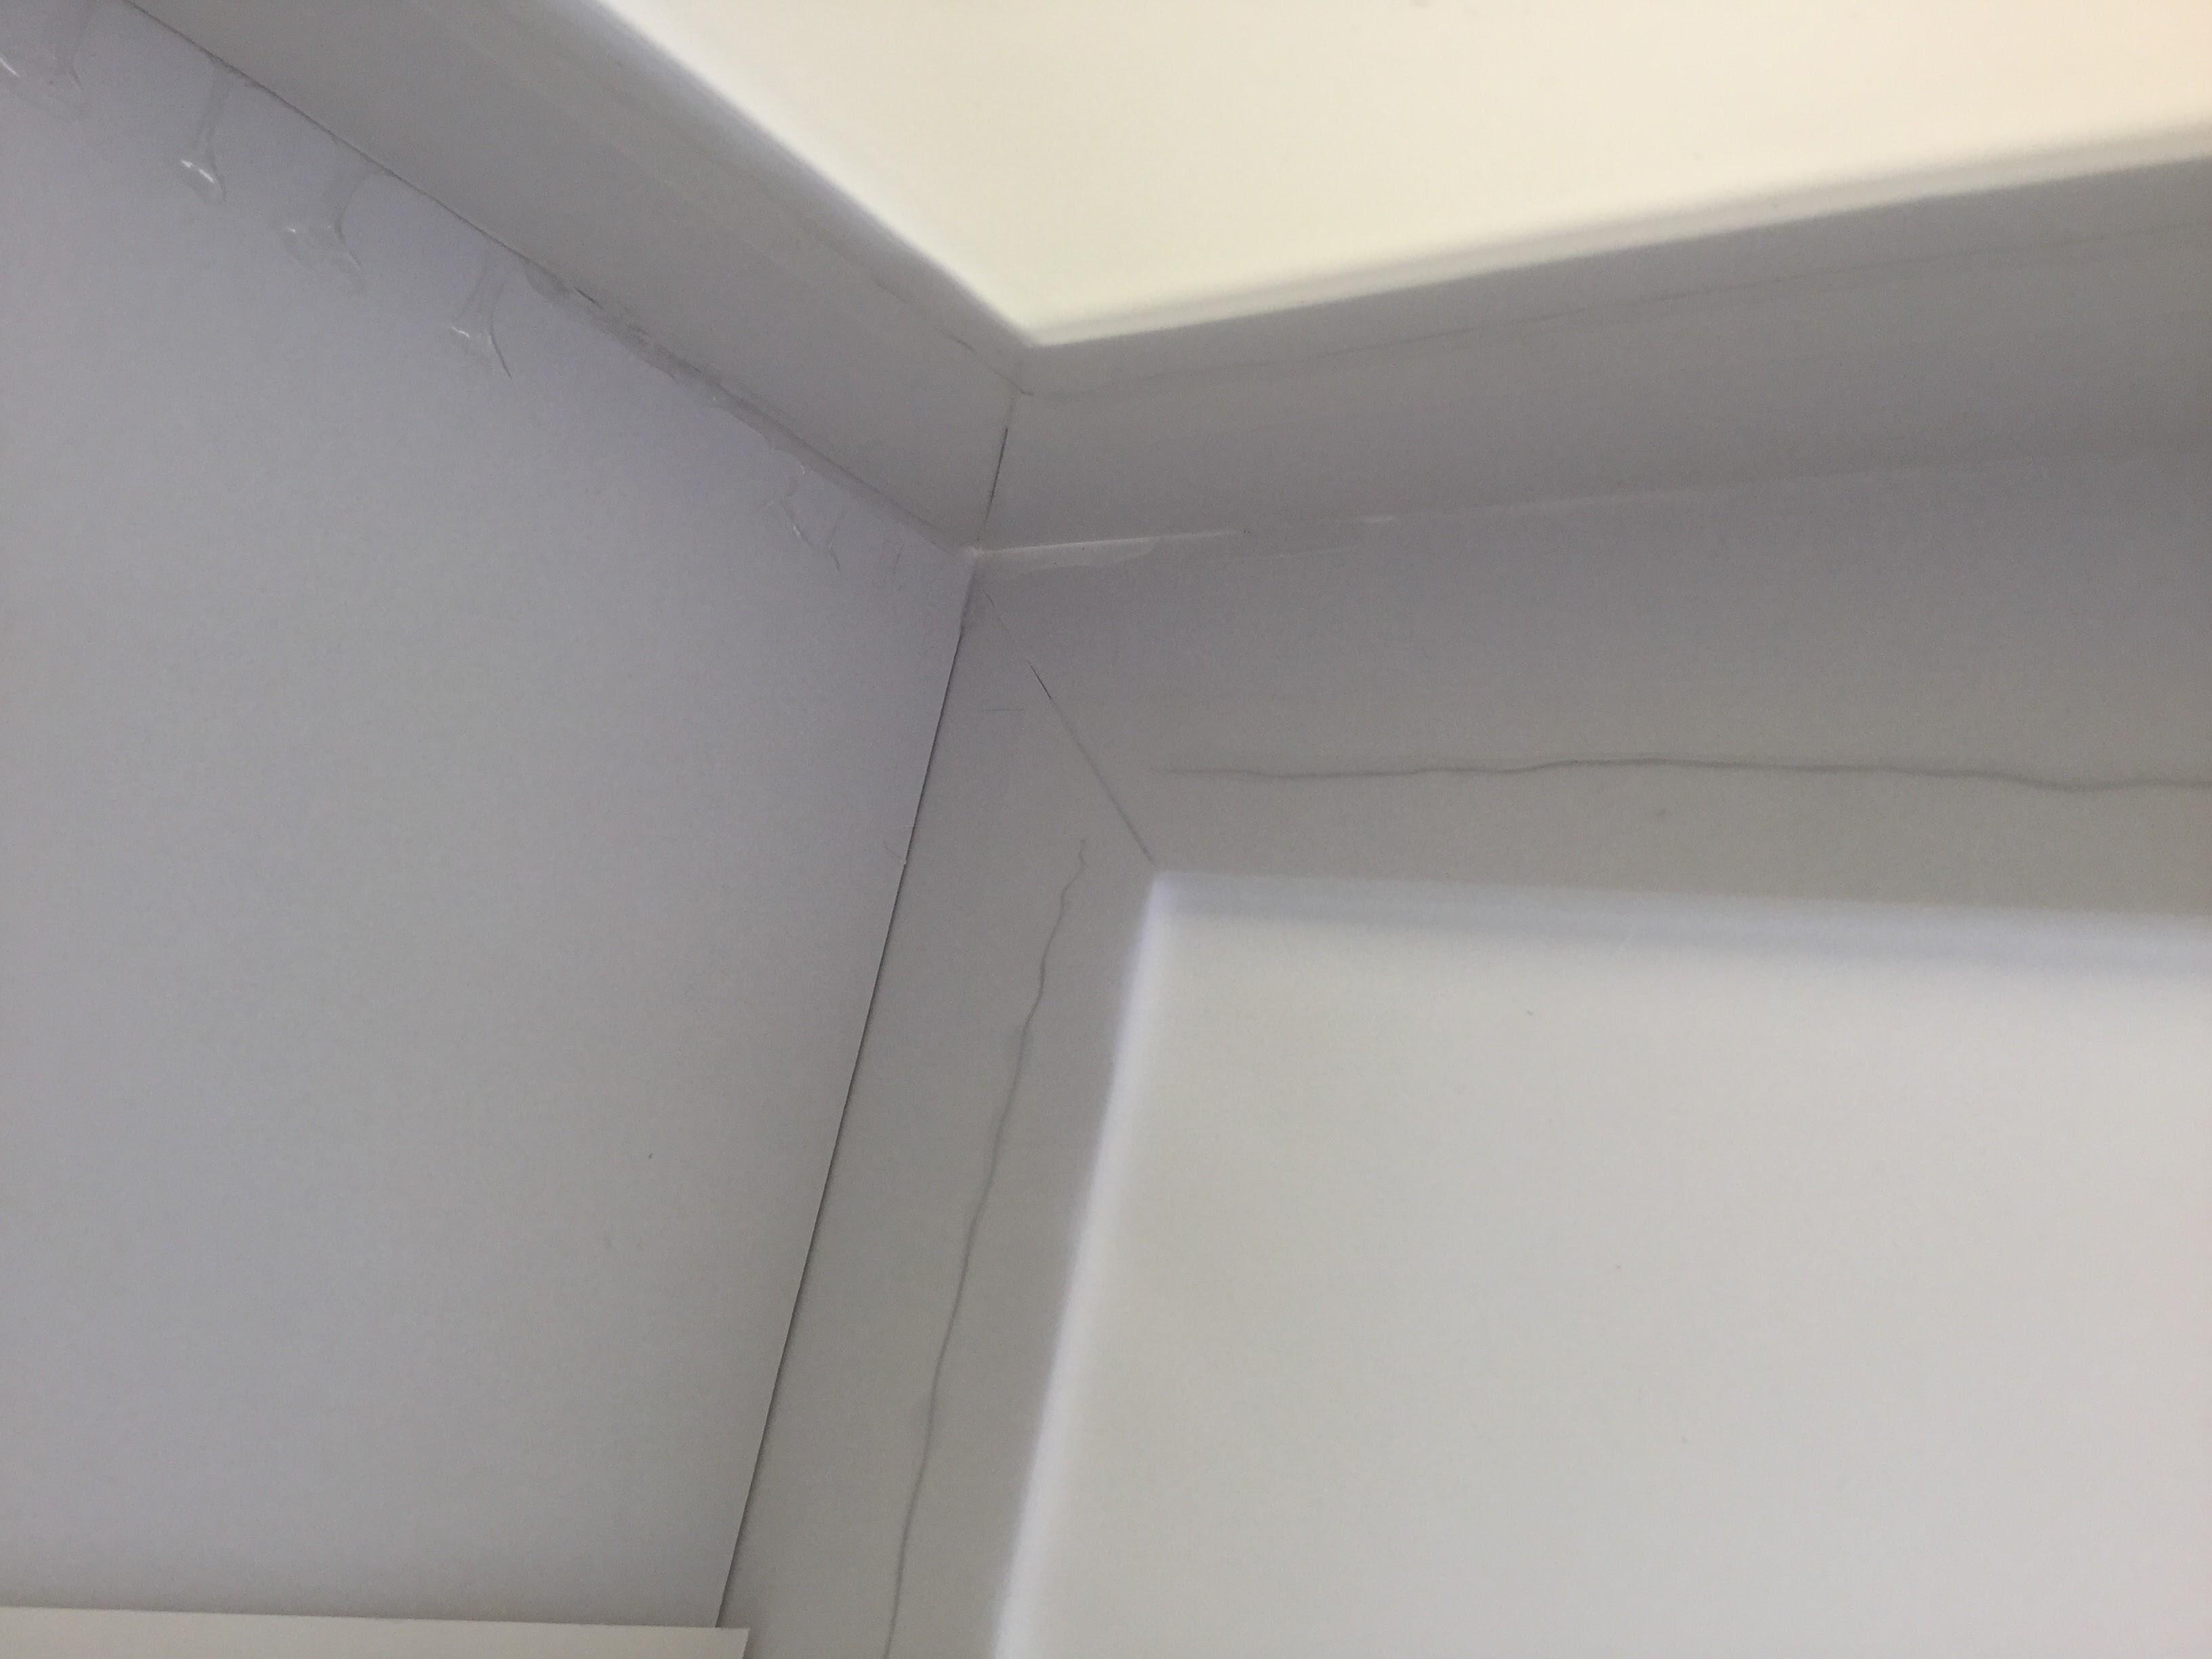 lightbox corner inside